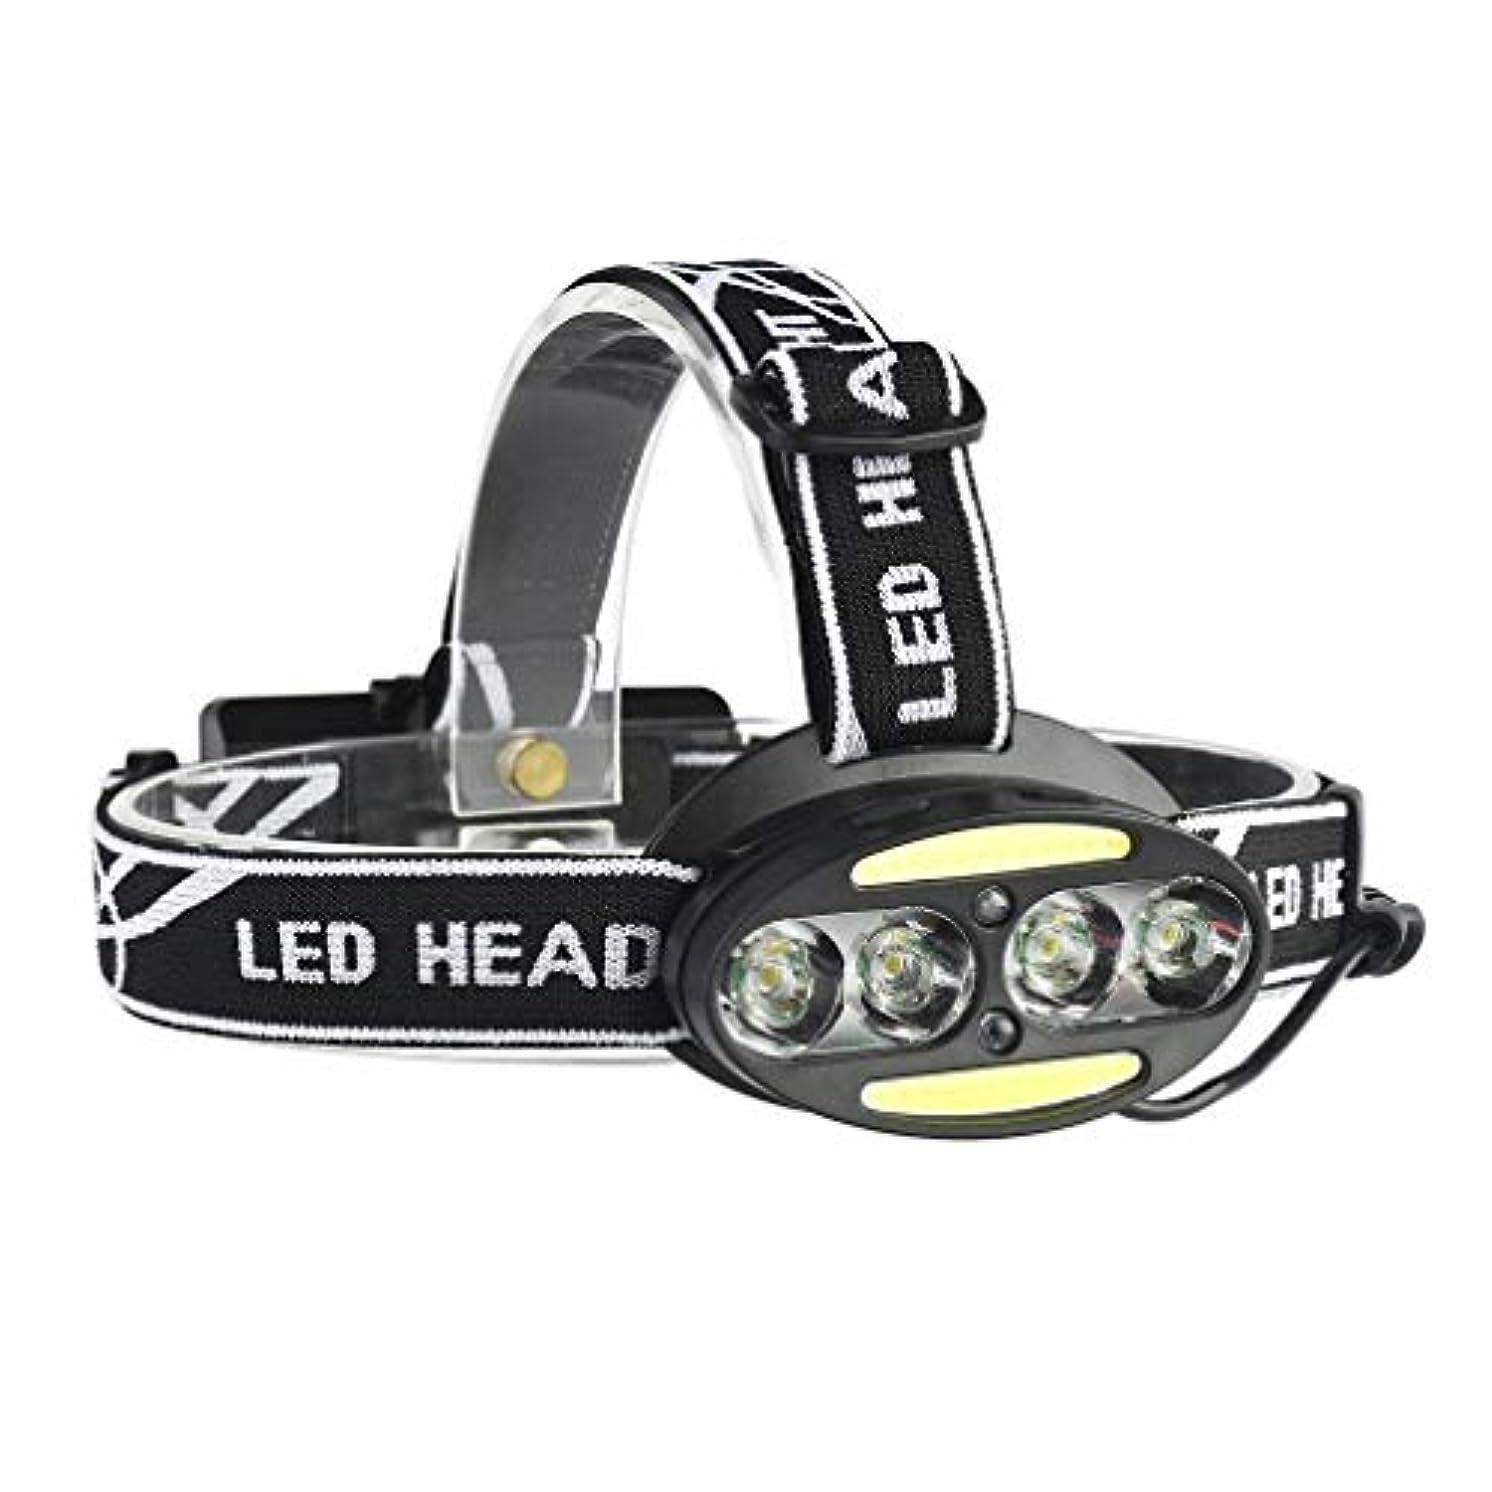 自分のために参加者下LEDヘッドライト ヘッドランプ USB充電式 超高輝度 角度調整可能 防水 超軽量 防災/登山/釣り/夜間作業/キャンプ/などに適用 USBケーブル付き